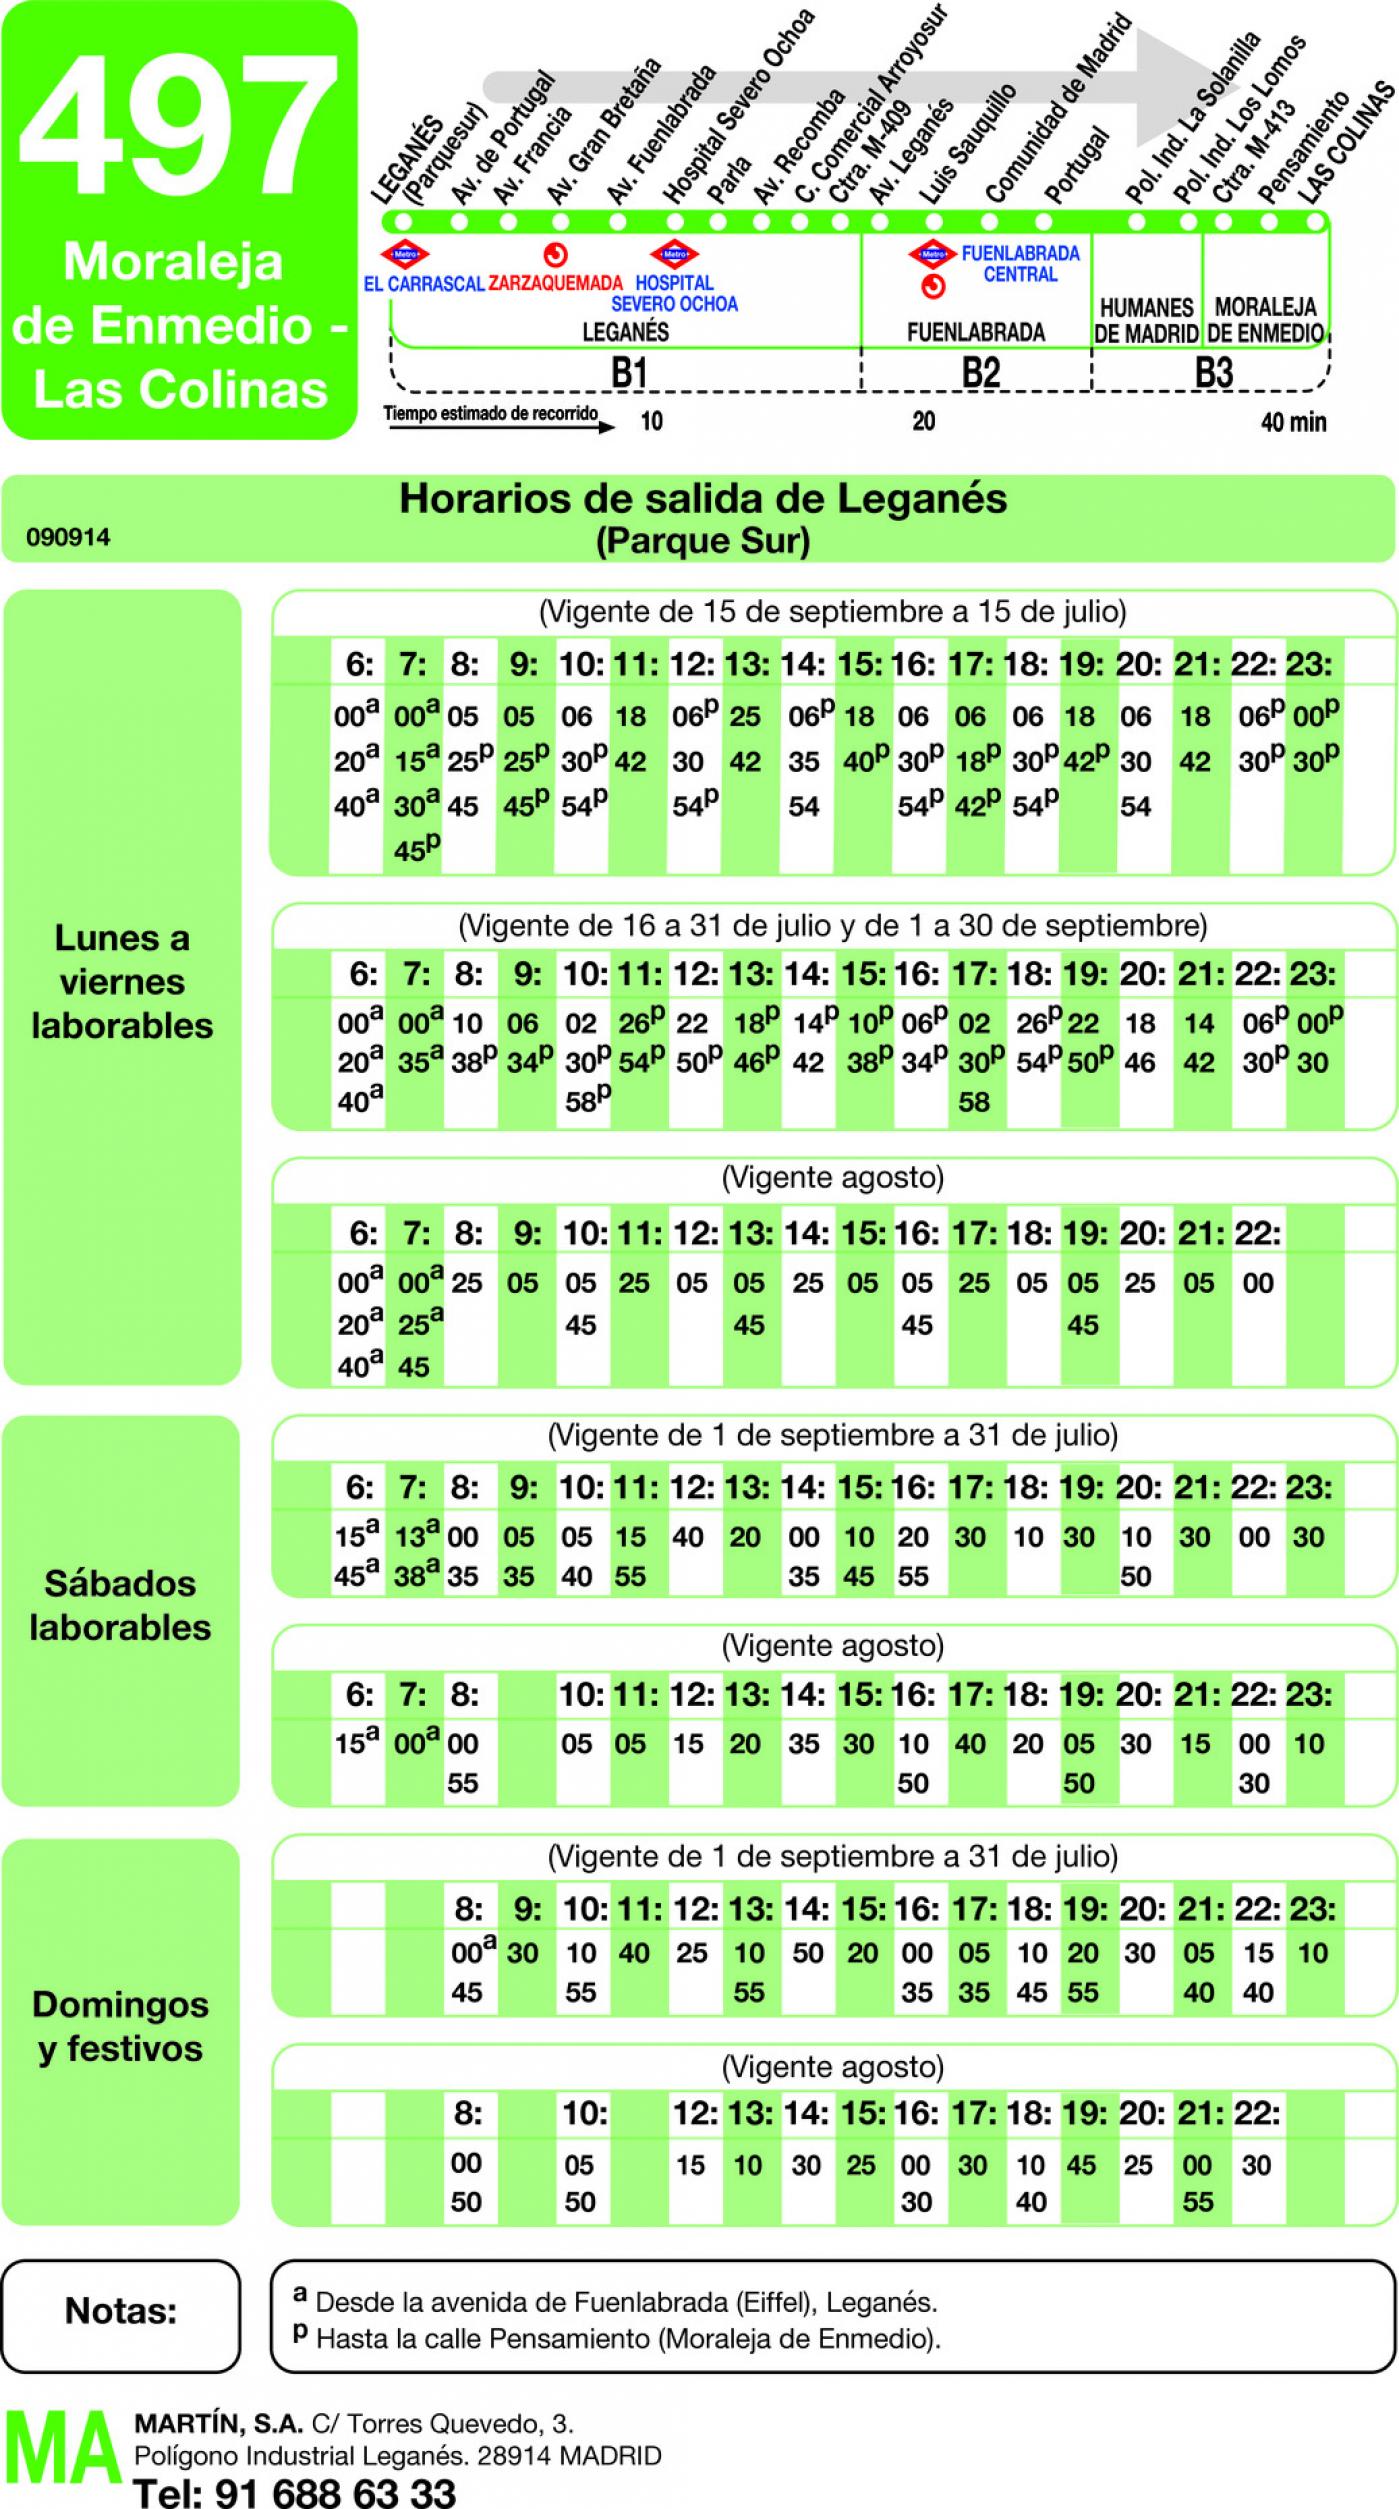 Tabla de horarios y frecuencias de paso en sentido ida Línea 497: Leganés (Parque Sur) - Moraleja de Enmedio (Las Colinas)